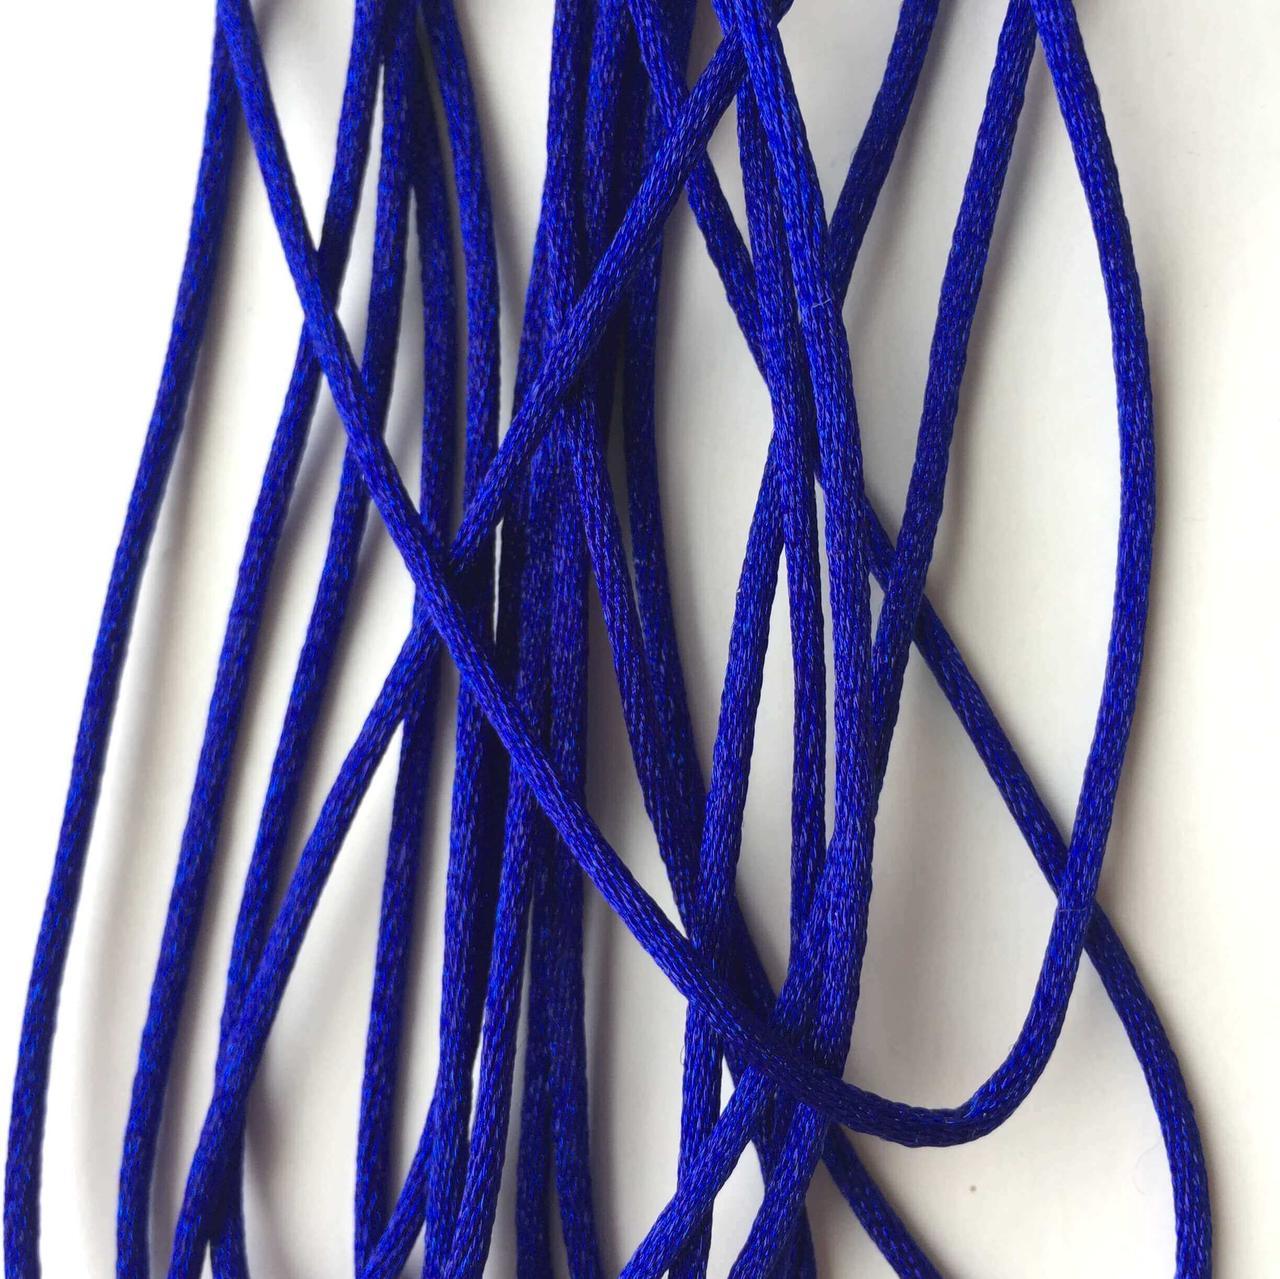 Шнур (темно синий), нейлон, метр